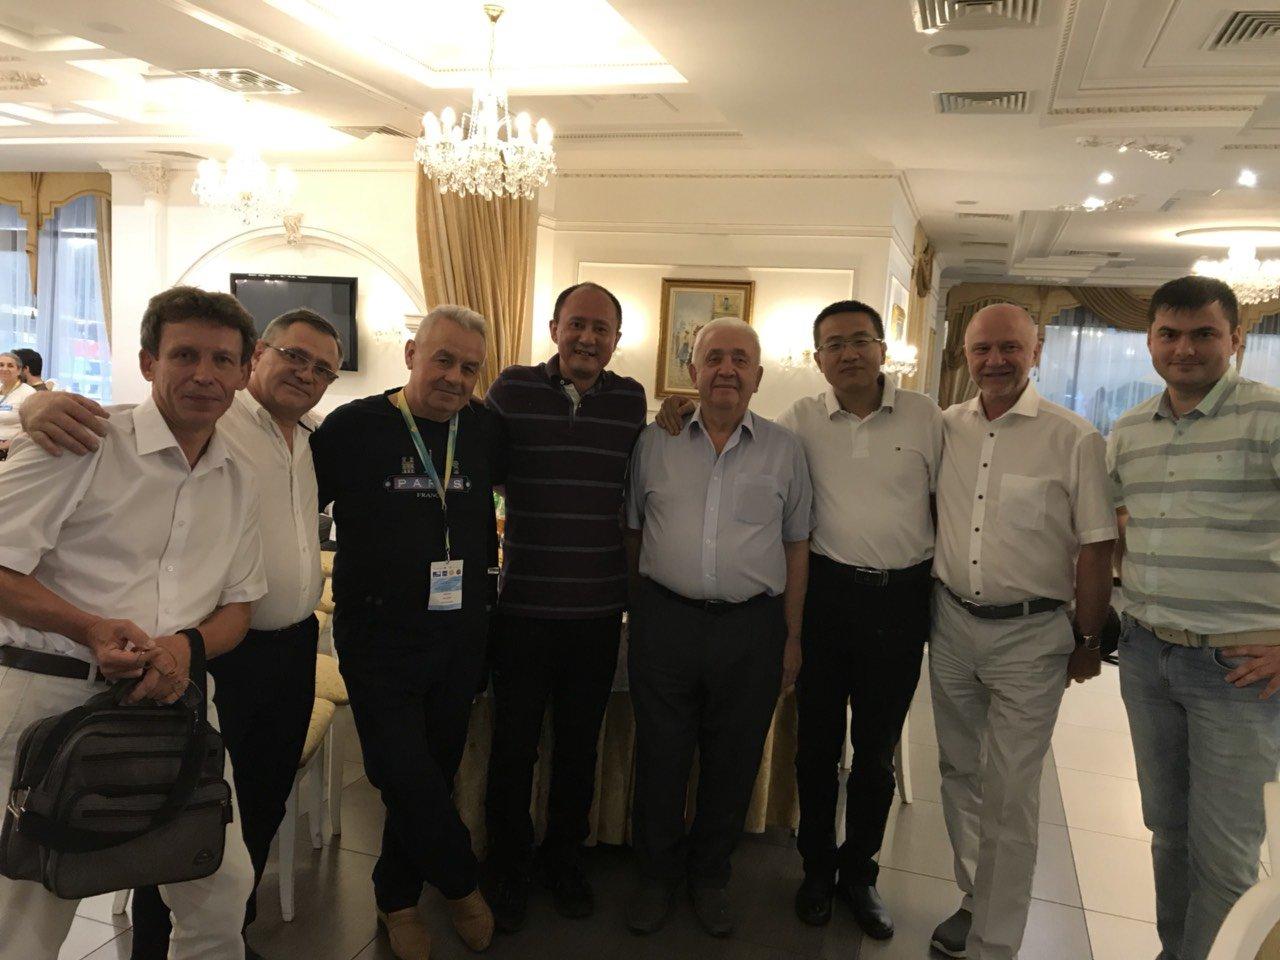 Перший курс NATON ACADEMY за участю всесвітньо відомих лікарів транслювали в госпіталях Донбасу